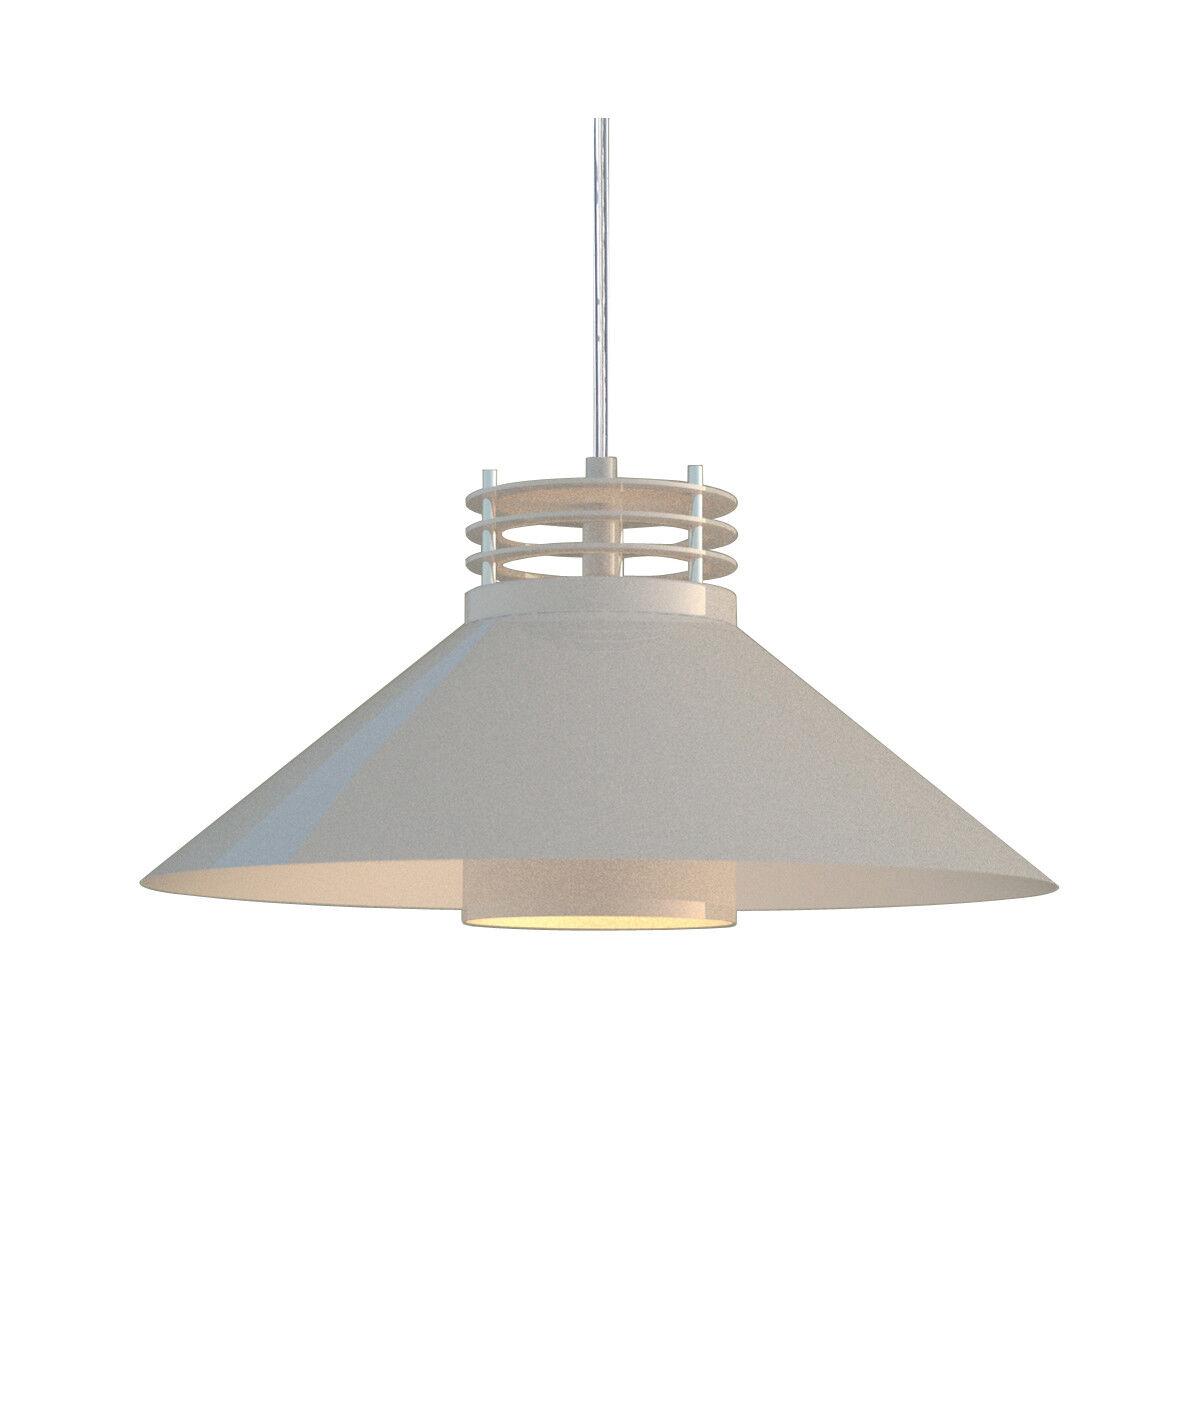 CPH Lighting Basic Riippuvalaisin Valkoinen Ø400 - CPH Lighting